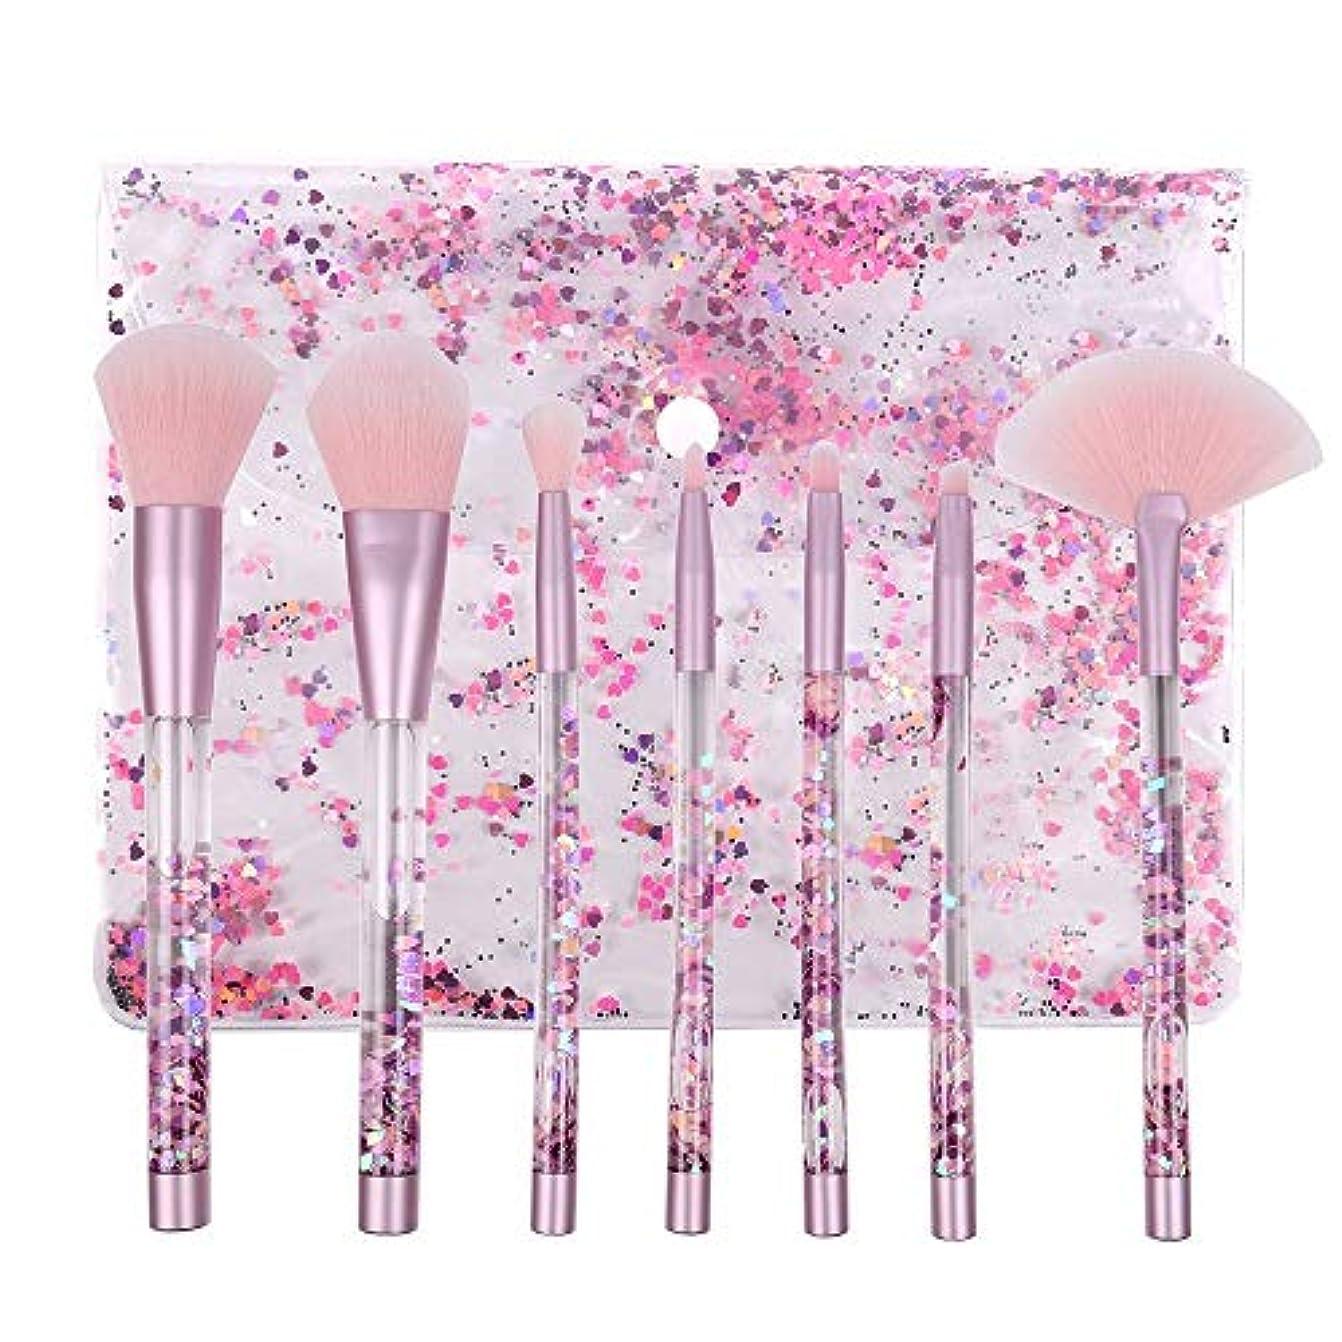 便宜間違えた悪因子Makeup brushes 化粧ブラシセット7ピースクリスタルピンク液体の光沢のある流砂のハンドル化粧ブラシナイロンブラシ suits (Color : Purple glitter handle and pink hair)